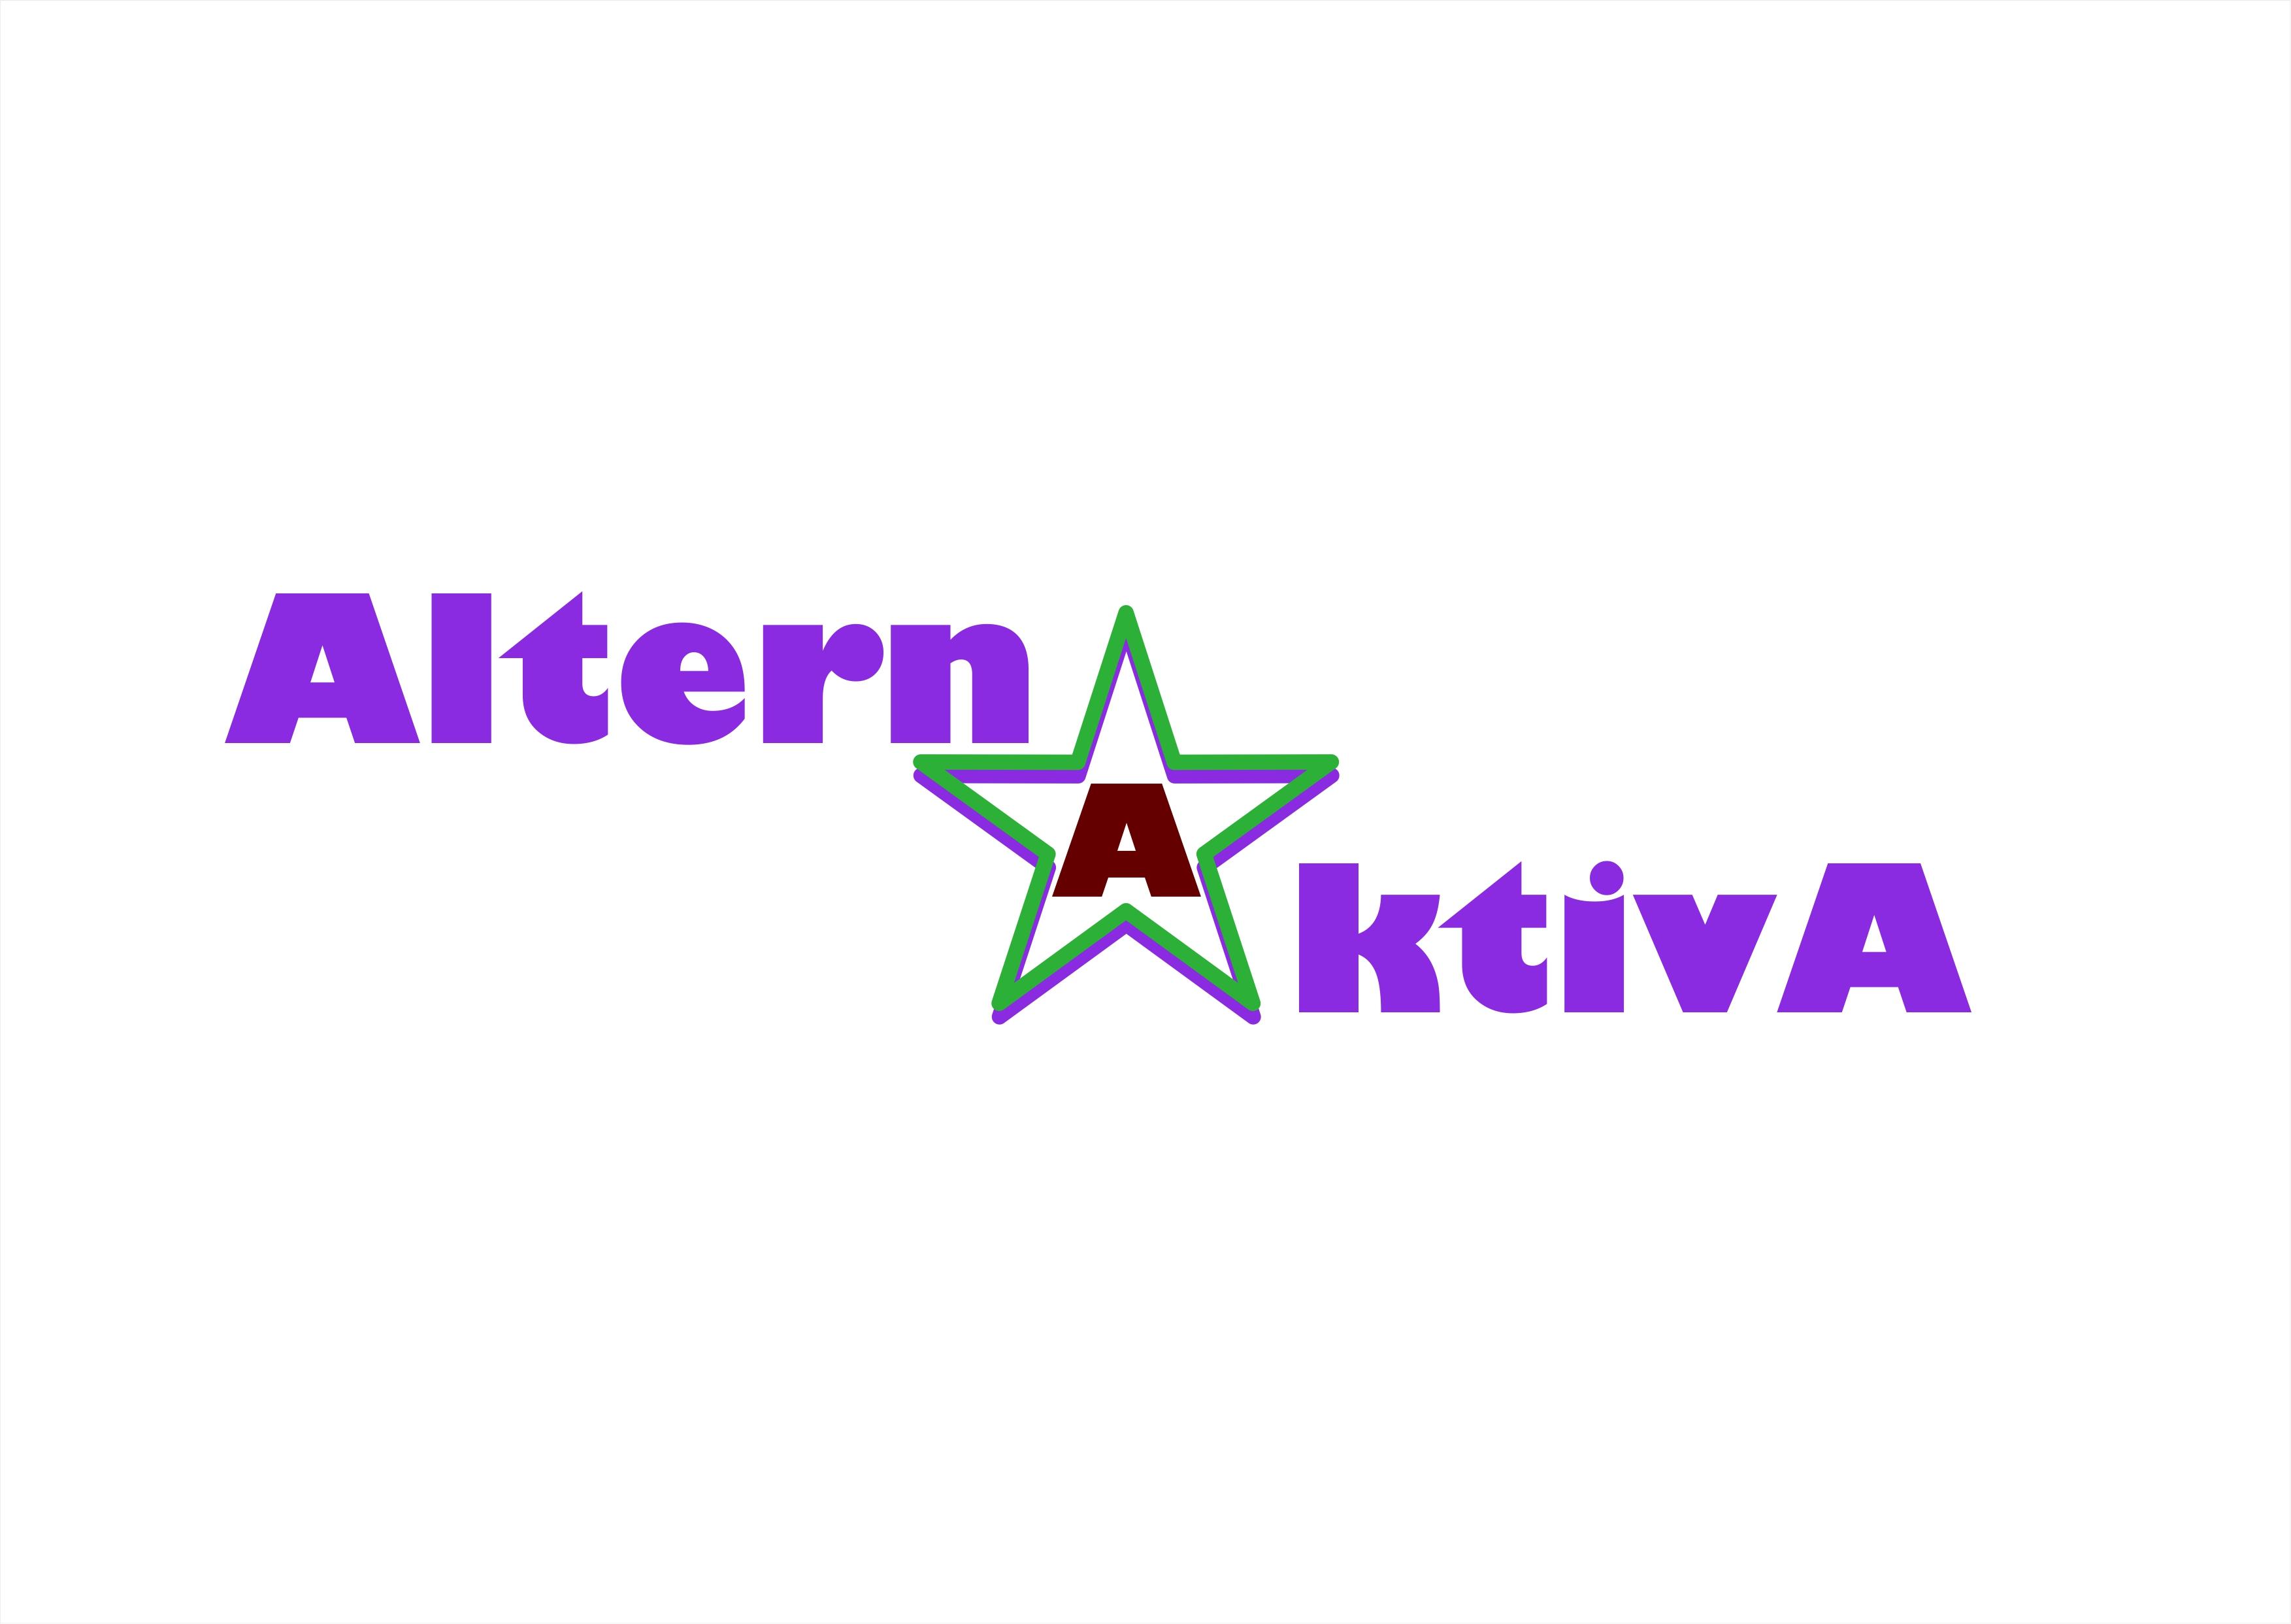 alternaktiva